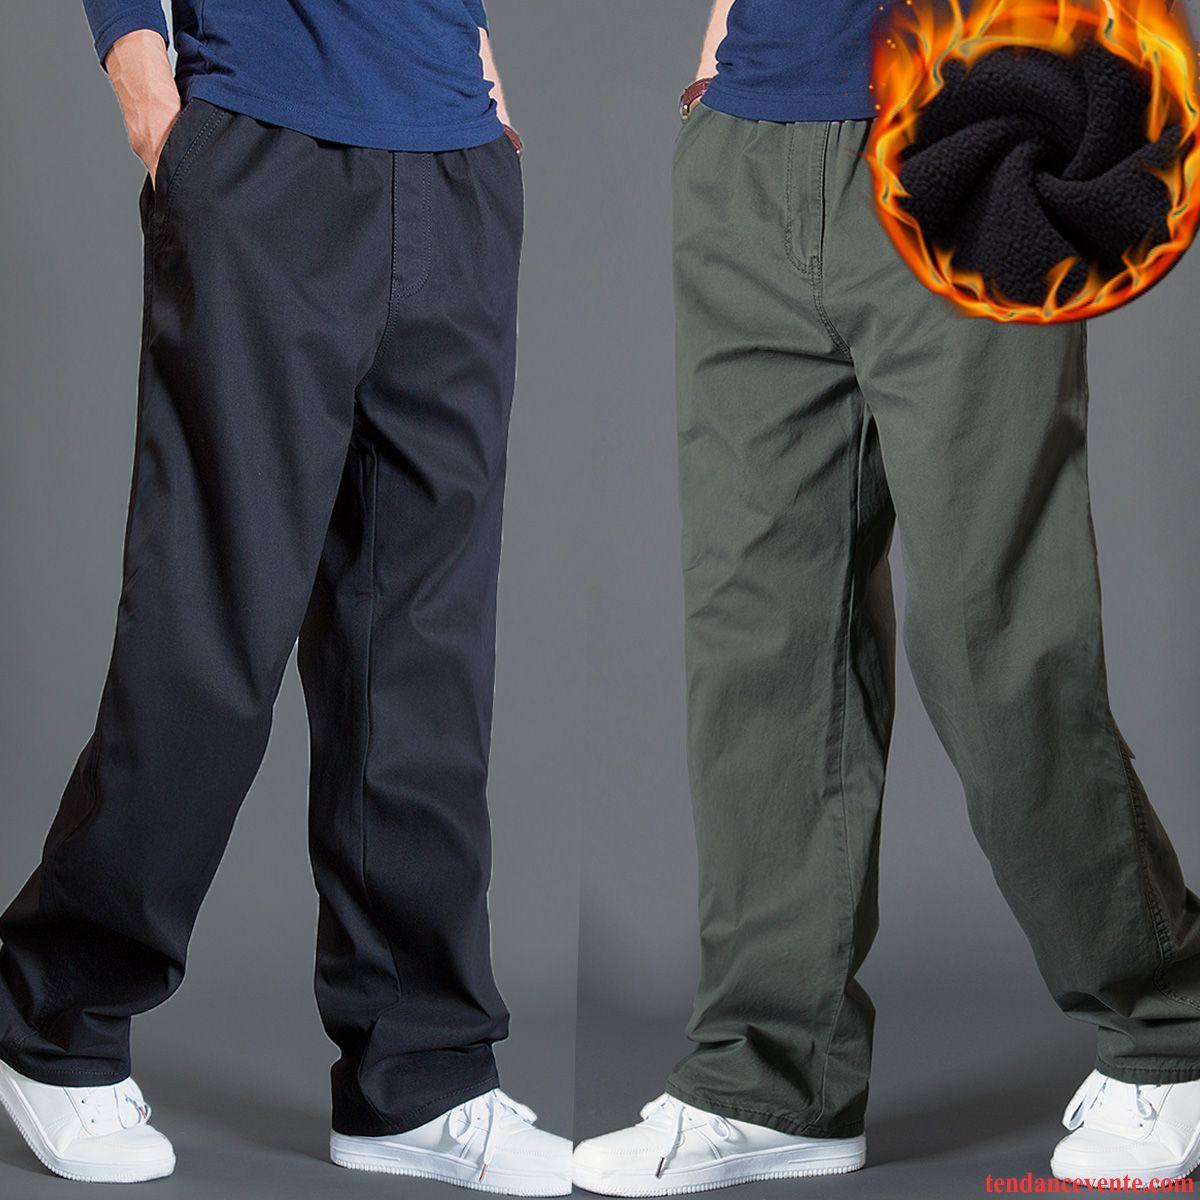 pantalon coton homme pais baggy homme taillissime plus de. Black Bedroom Furniture Sets. Home Design Ideas